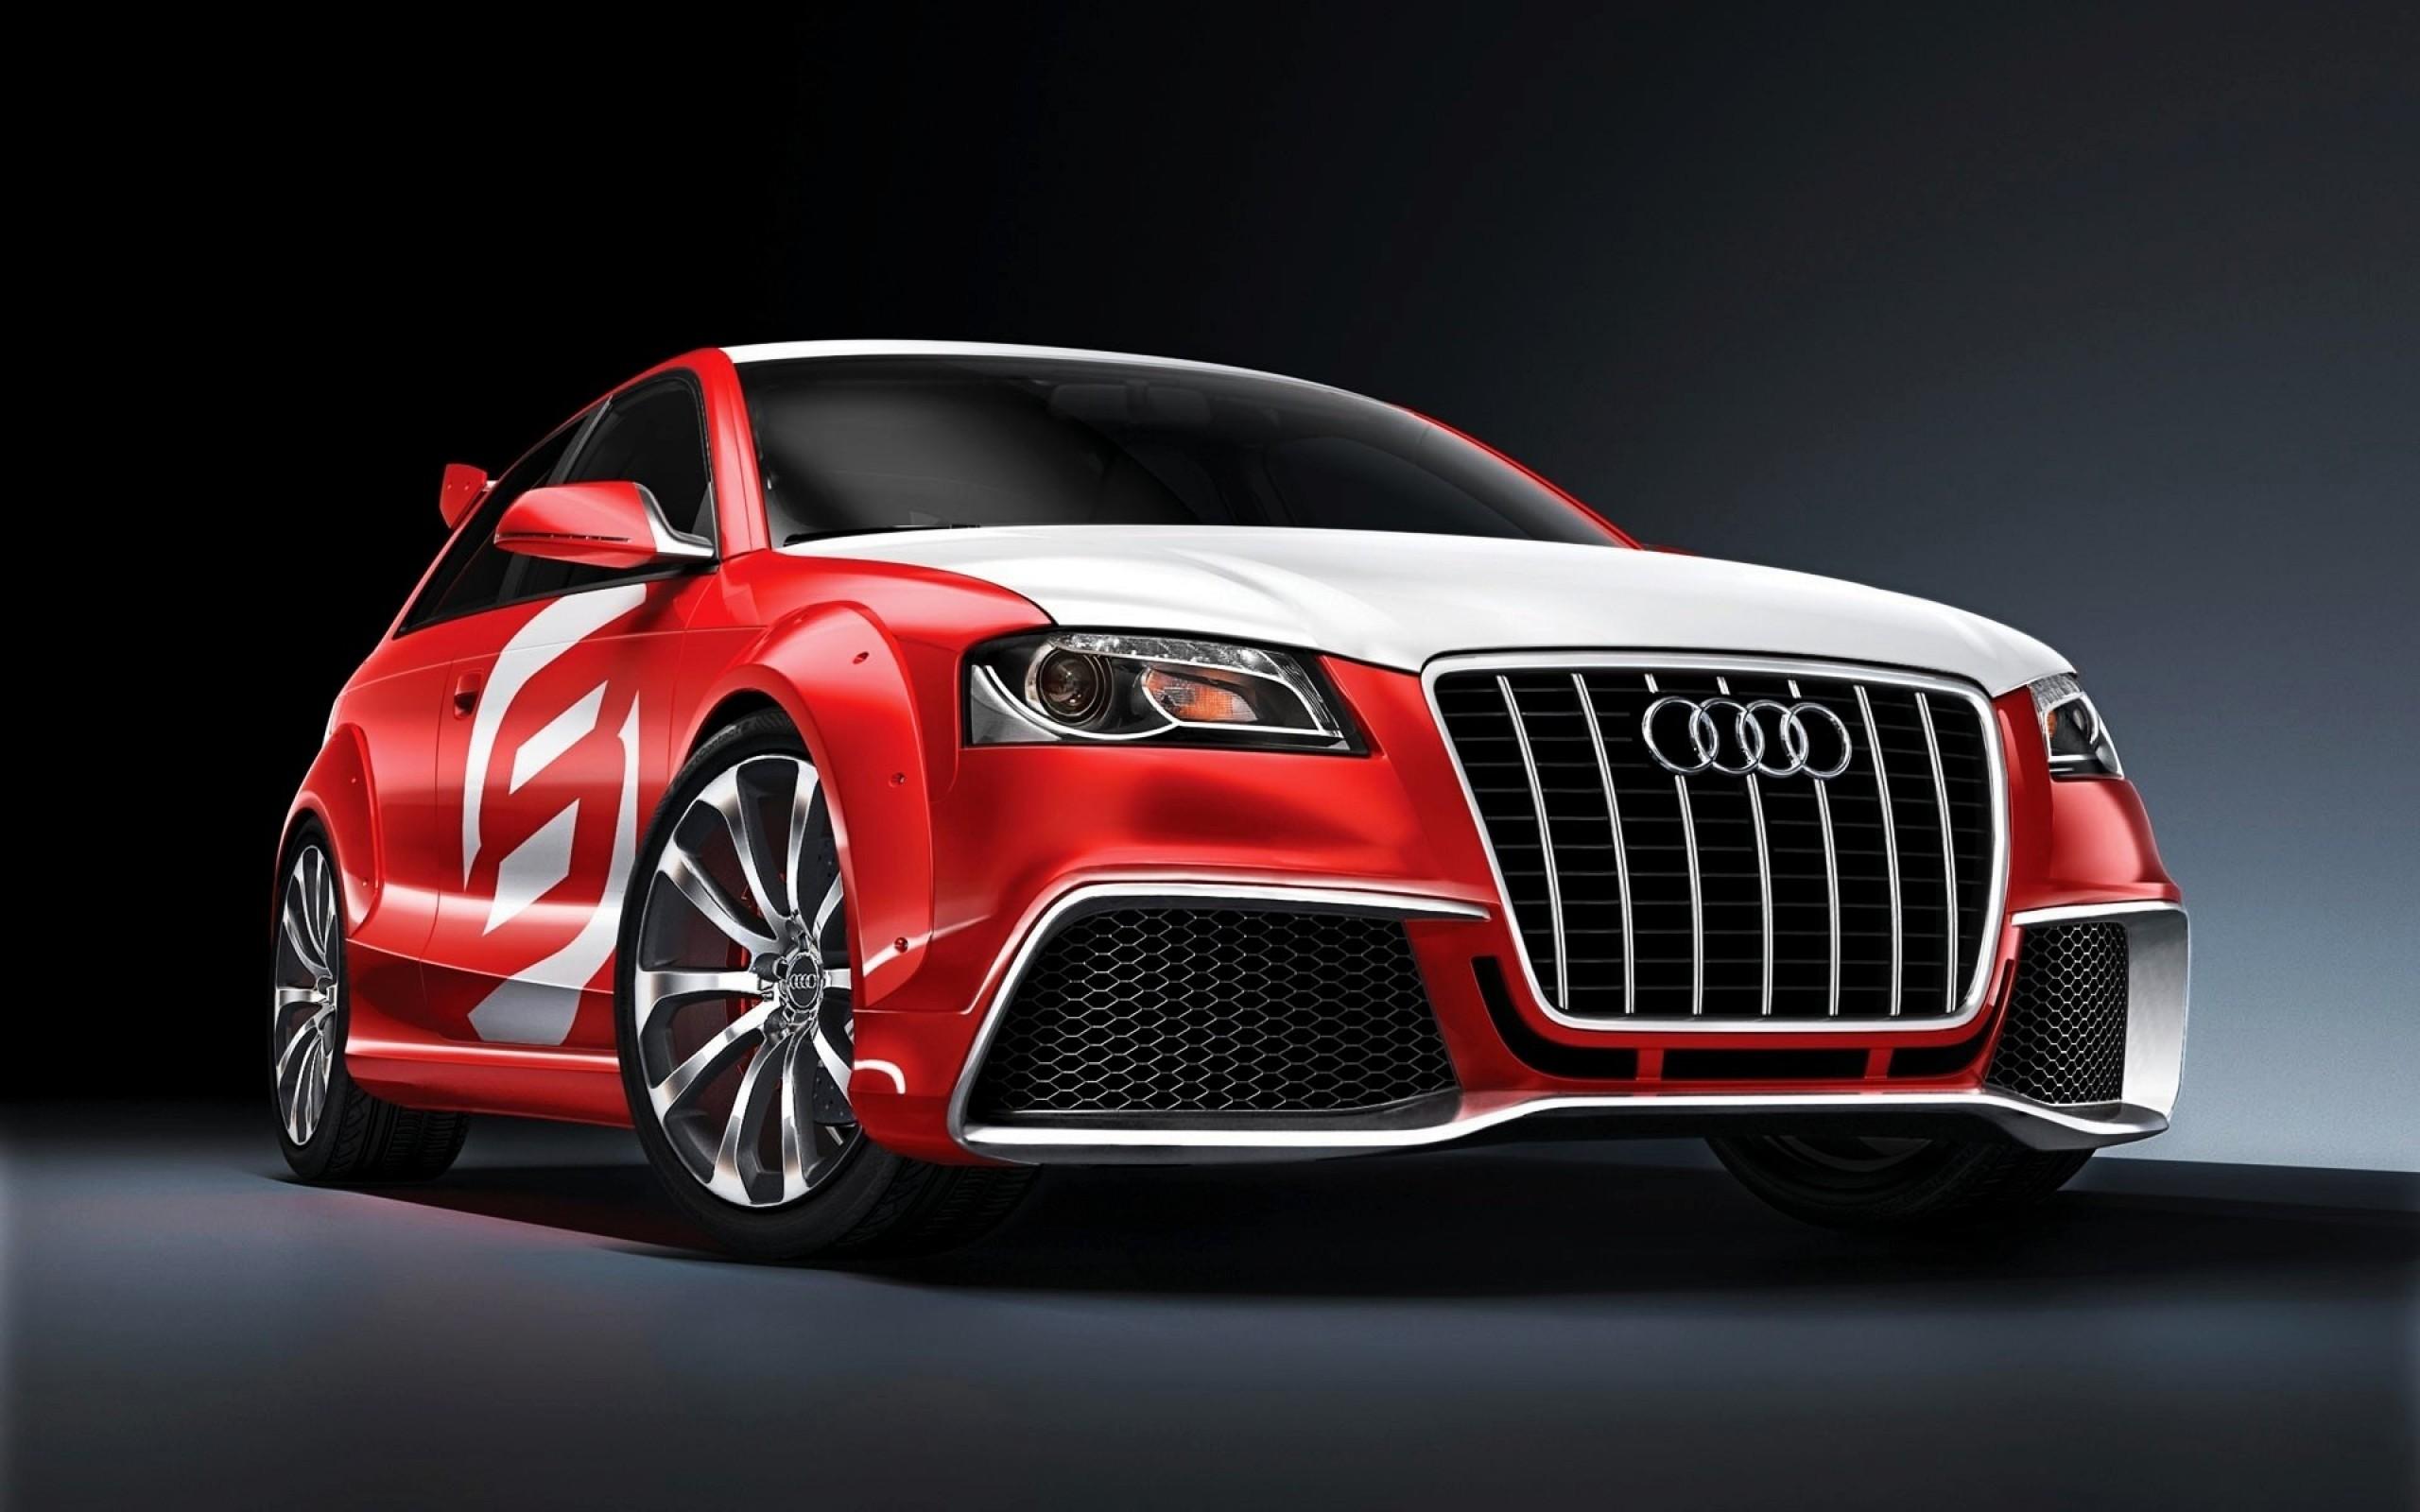 Cool red audi car HD Wallpaper